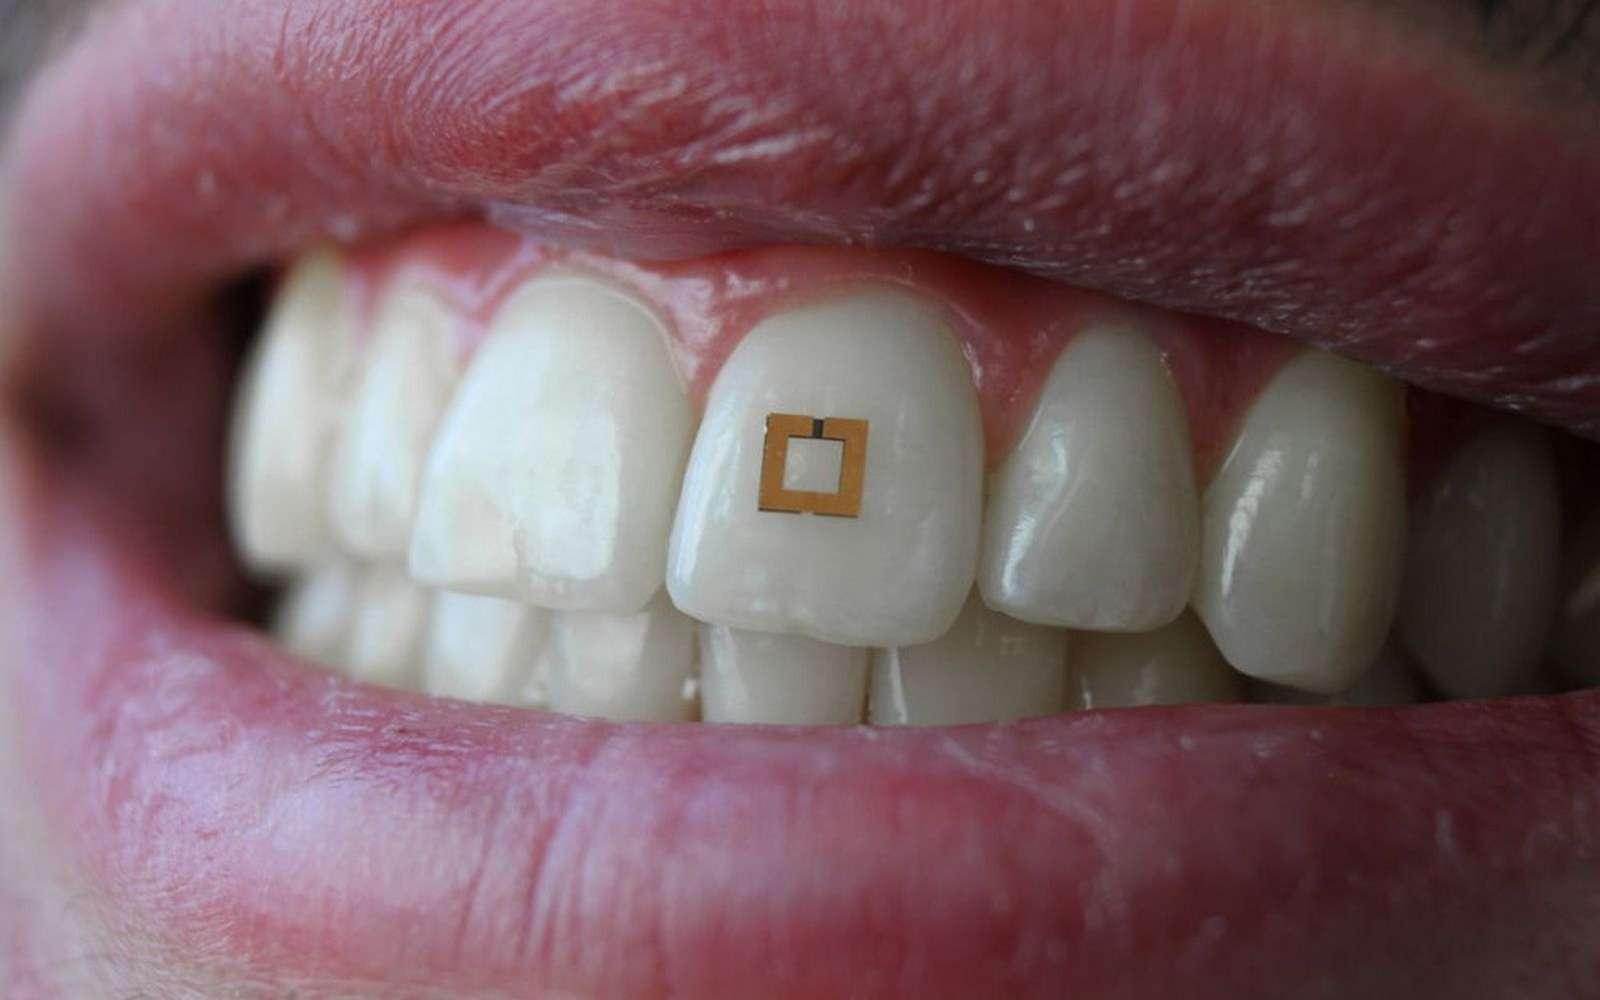 Le capteur dentaire est composé de trois couches et fonctionne comme une étiquette électronique. © SilkLab, Tufts University